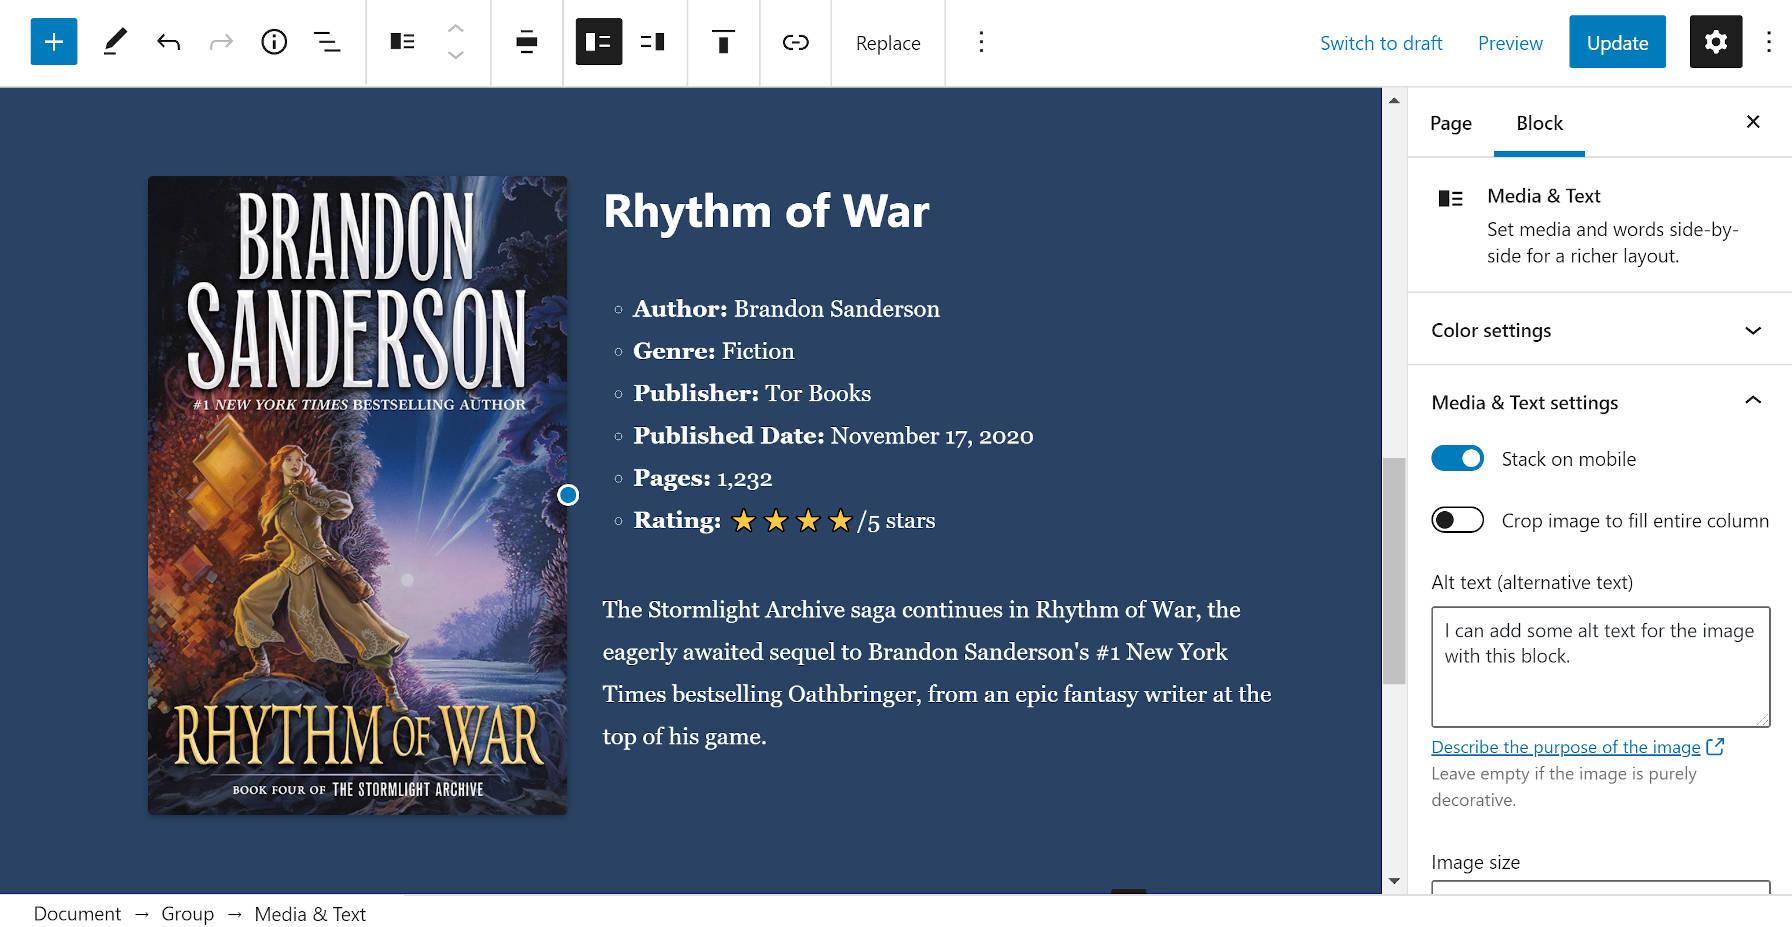 Création d'une section de critique de livre avec le bloc Média & Texte dans l'éditeur.